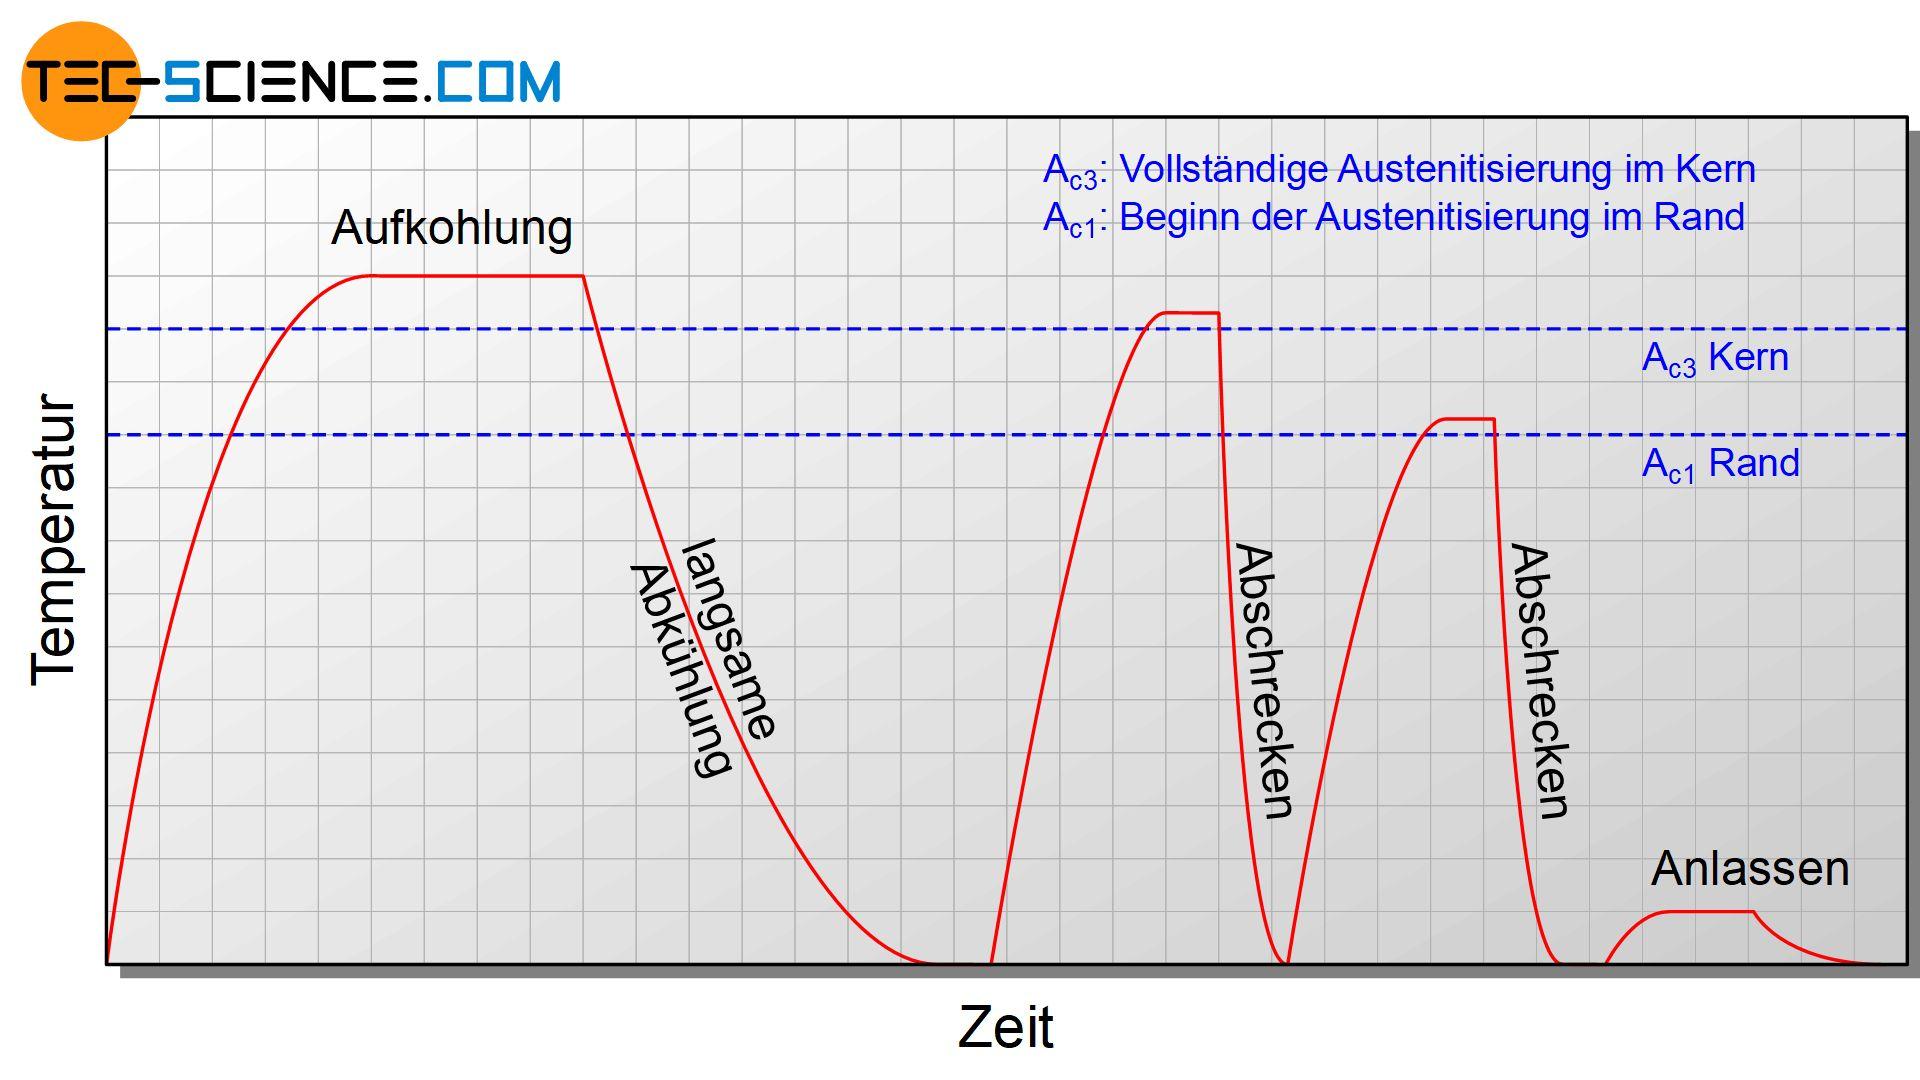 Zeit-Temperaturverlauf beim Doppelhärten